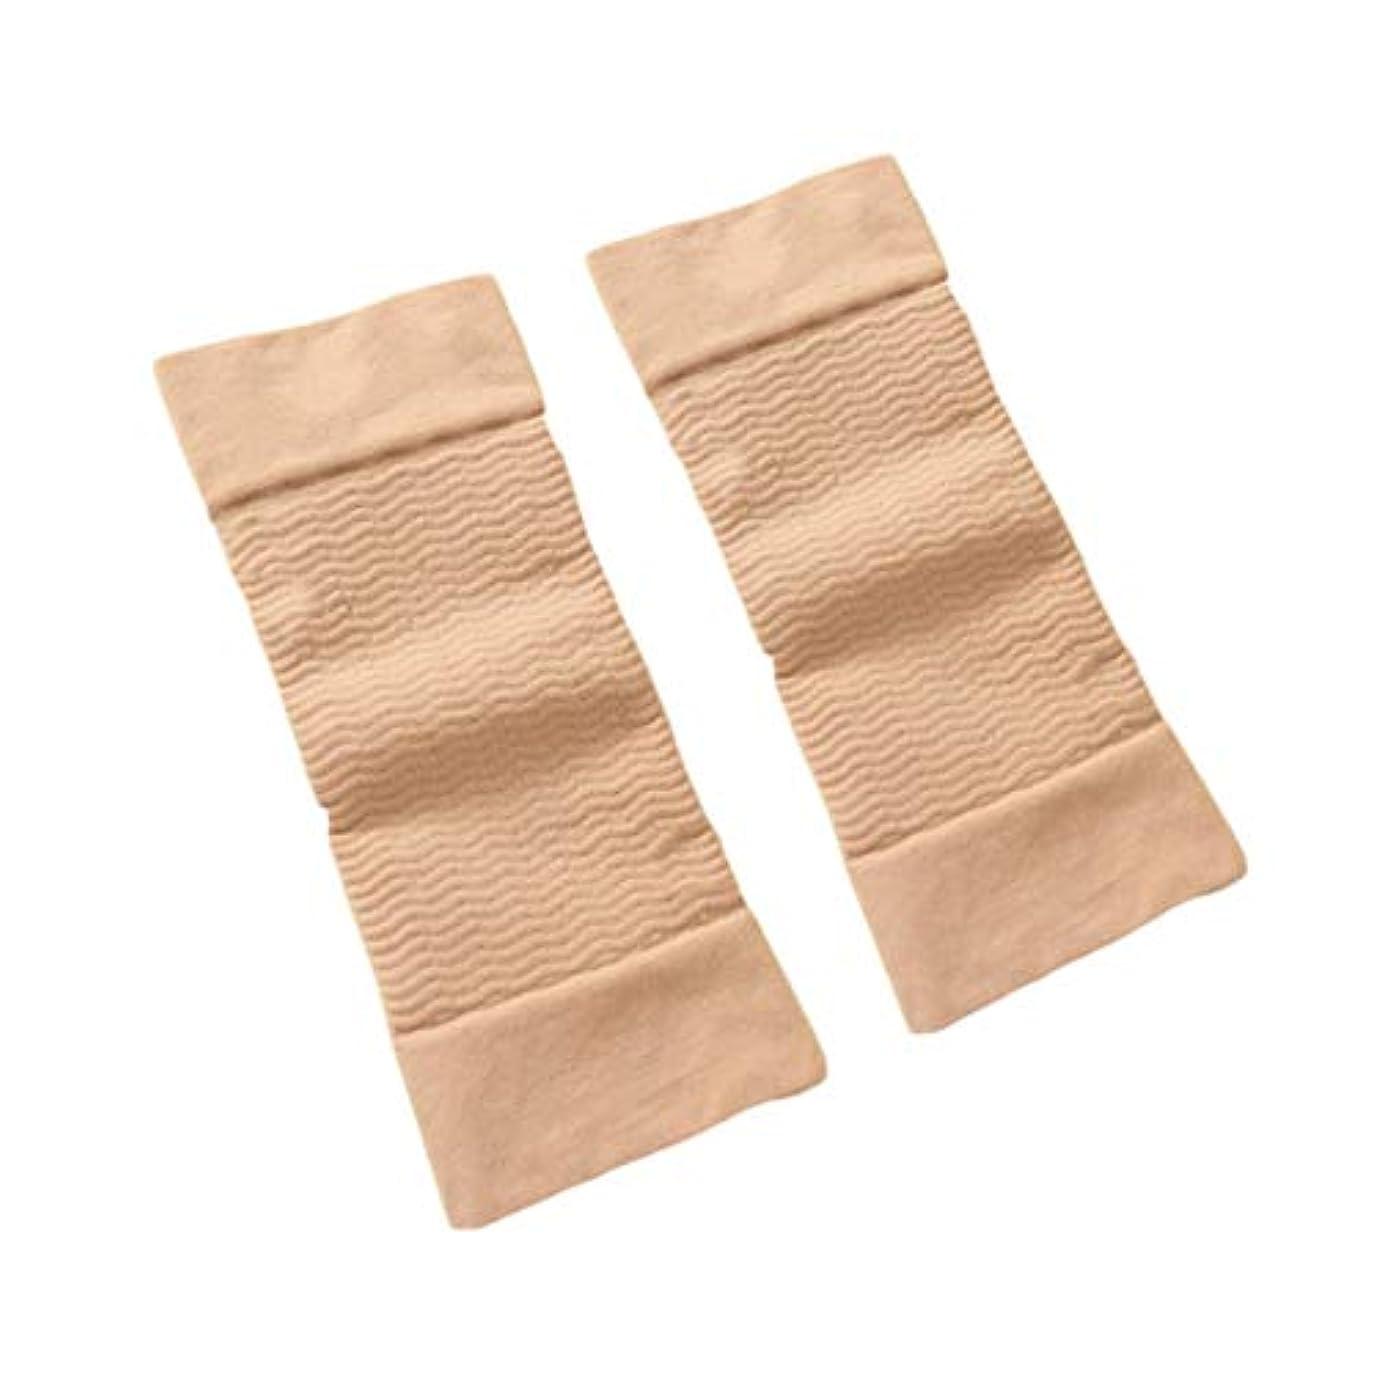 出演者チケットホバート1ペア420 D圧縮痩身アームスリーブワークアウトトーニングバーンセルライトシェイパー脂肪燃焼袖用女性 - 肌色